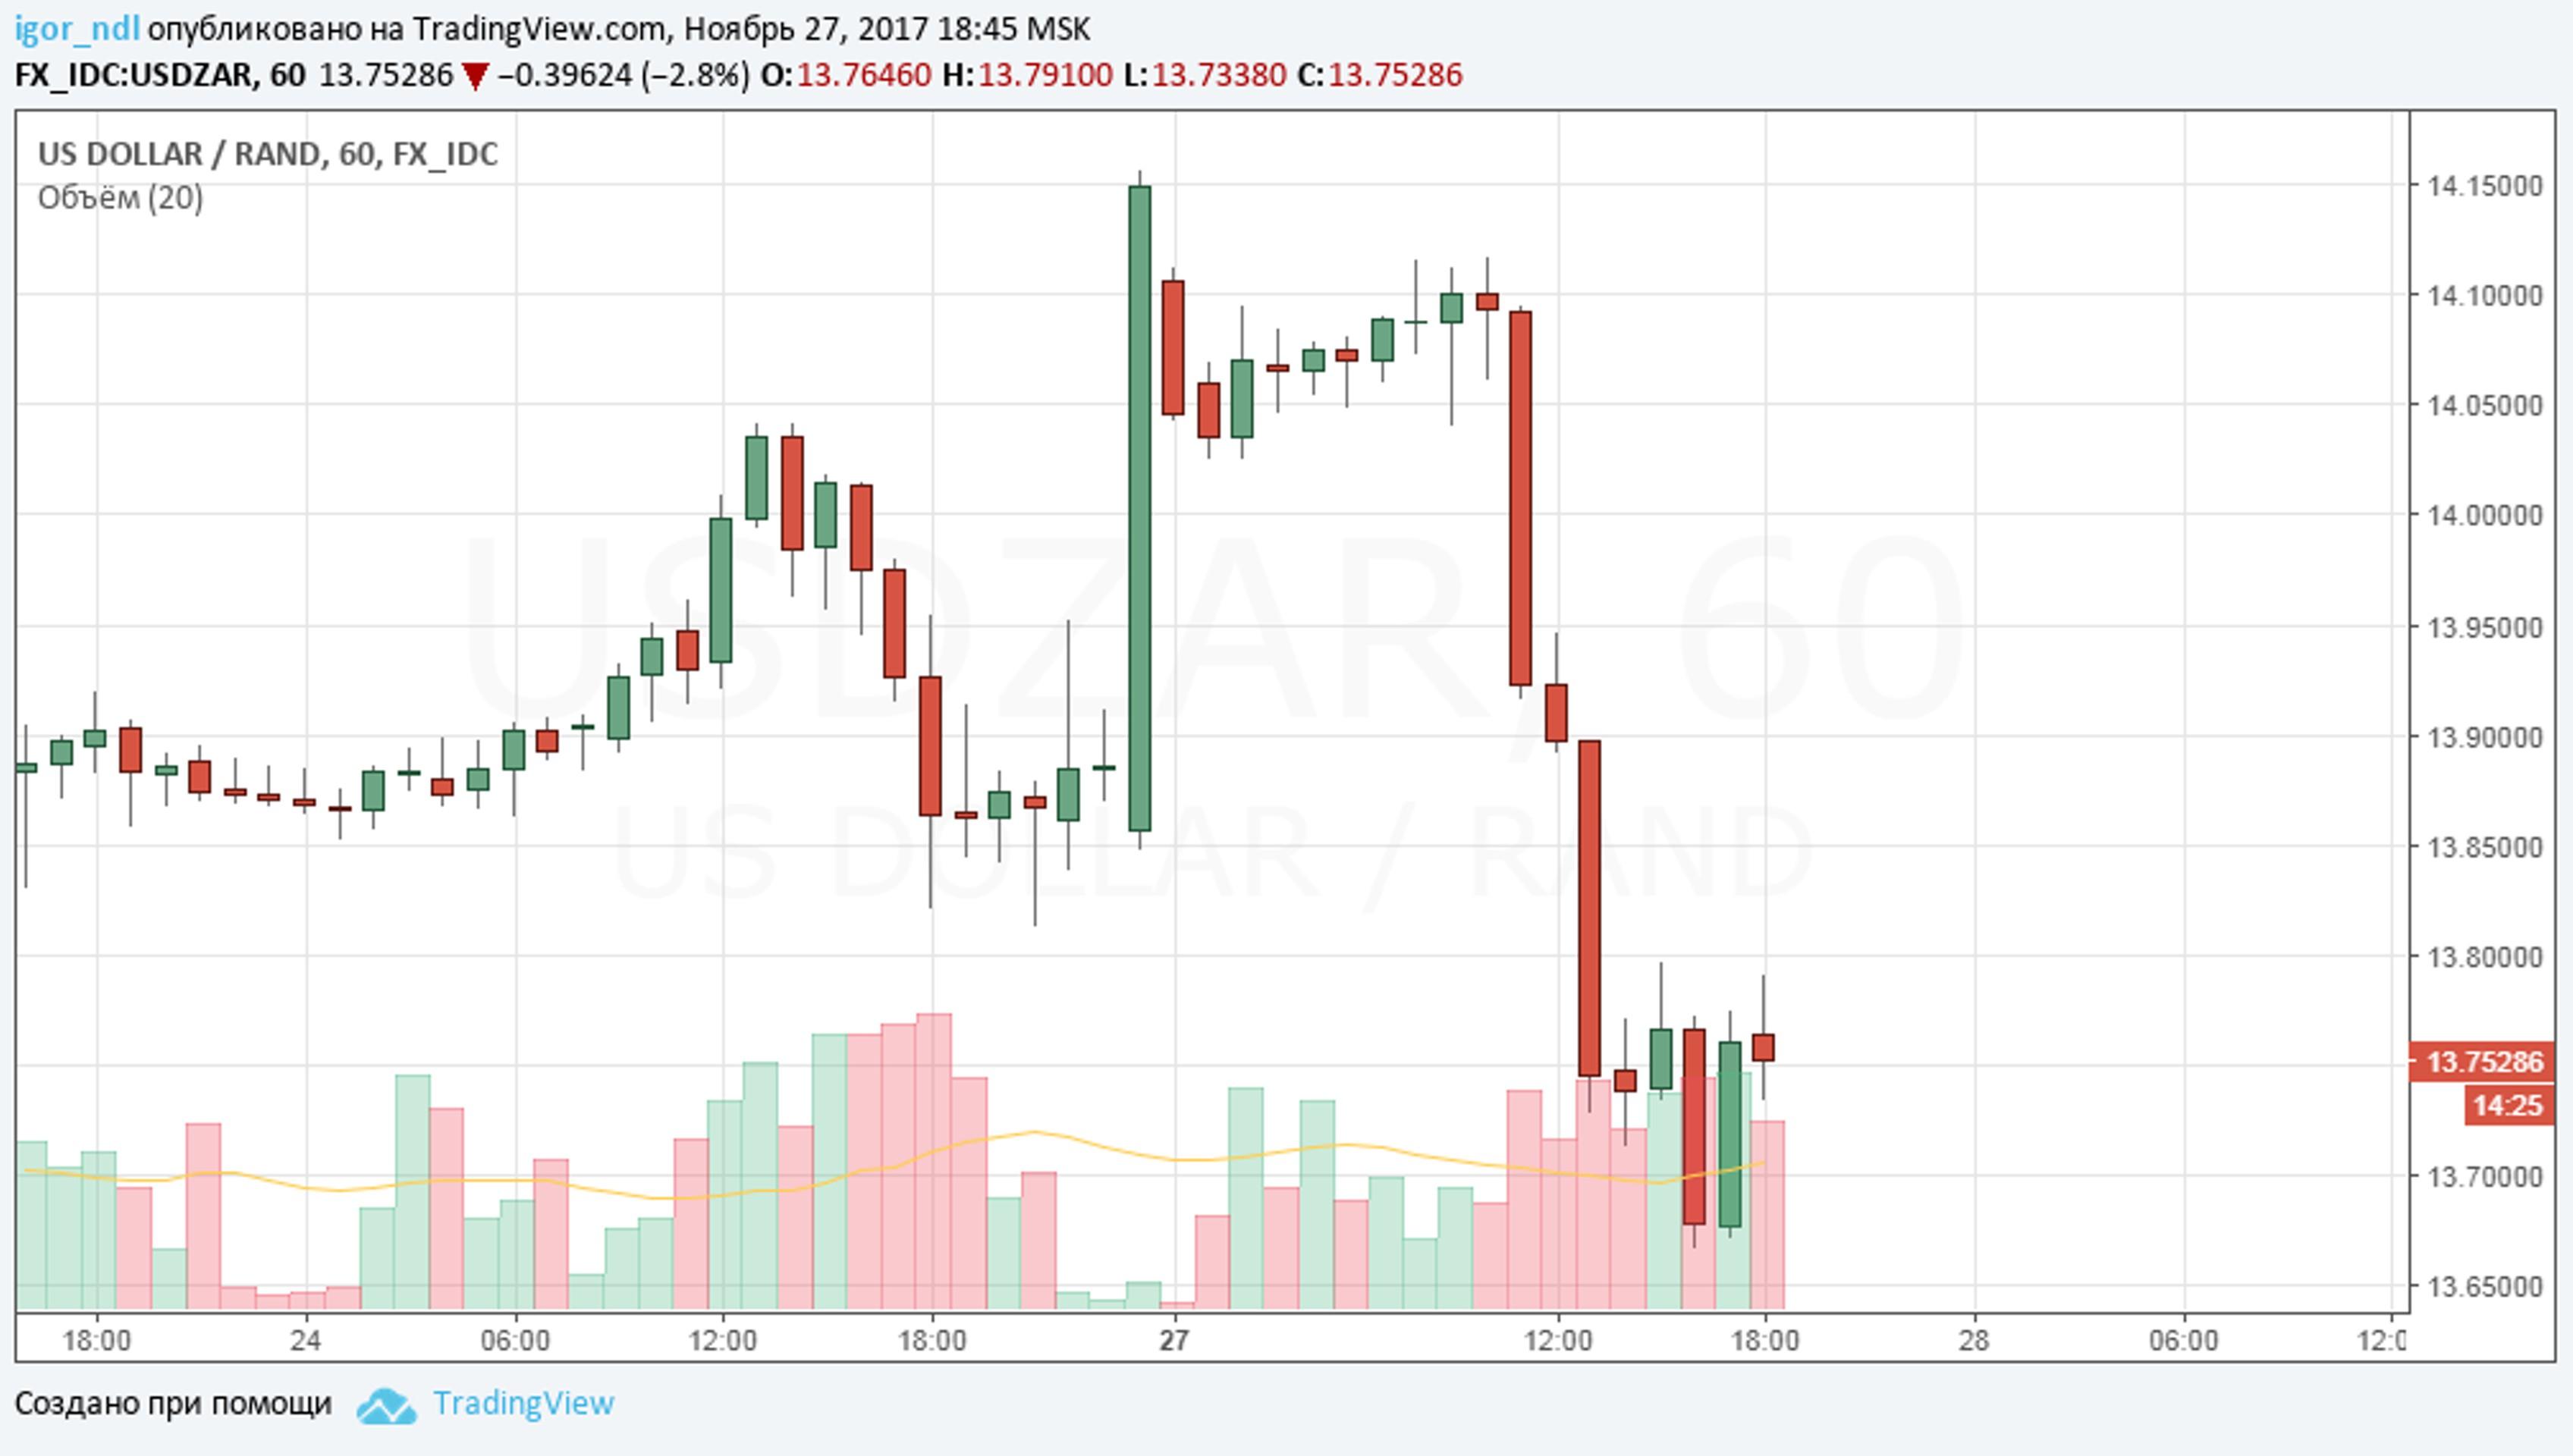 Ралли валют emerging markets. И рейтинги не страшны